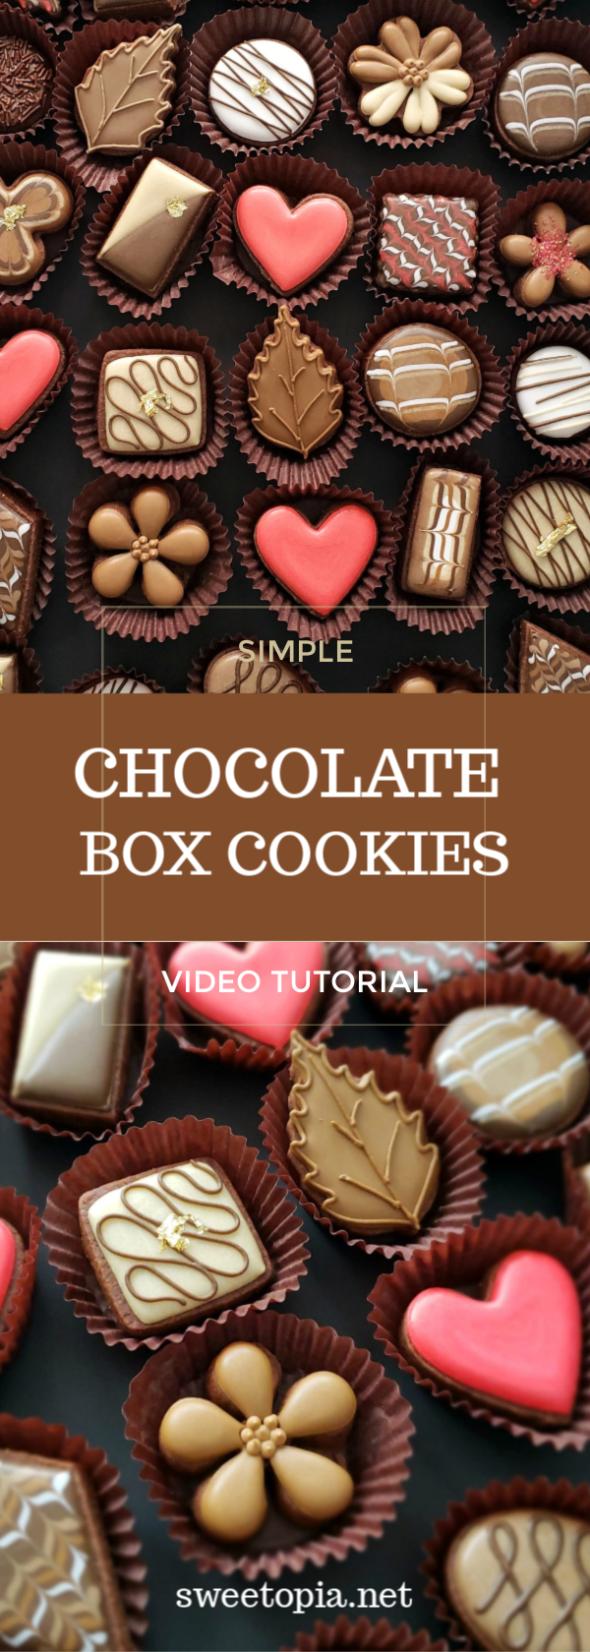 Chocolate Sugar Cookies Box of Chocolate Cookies Video Tutorial